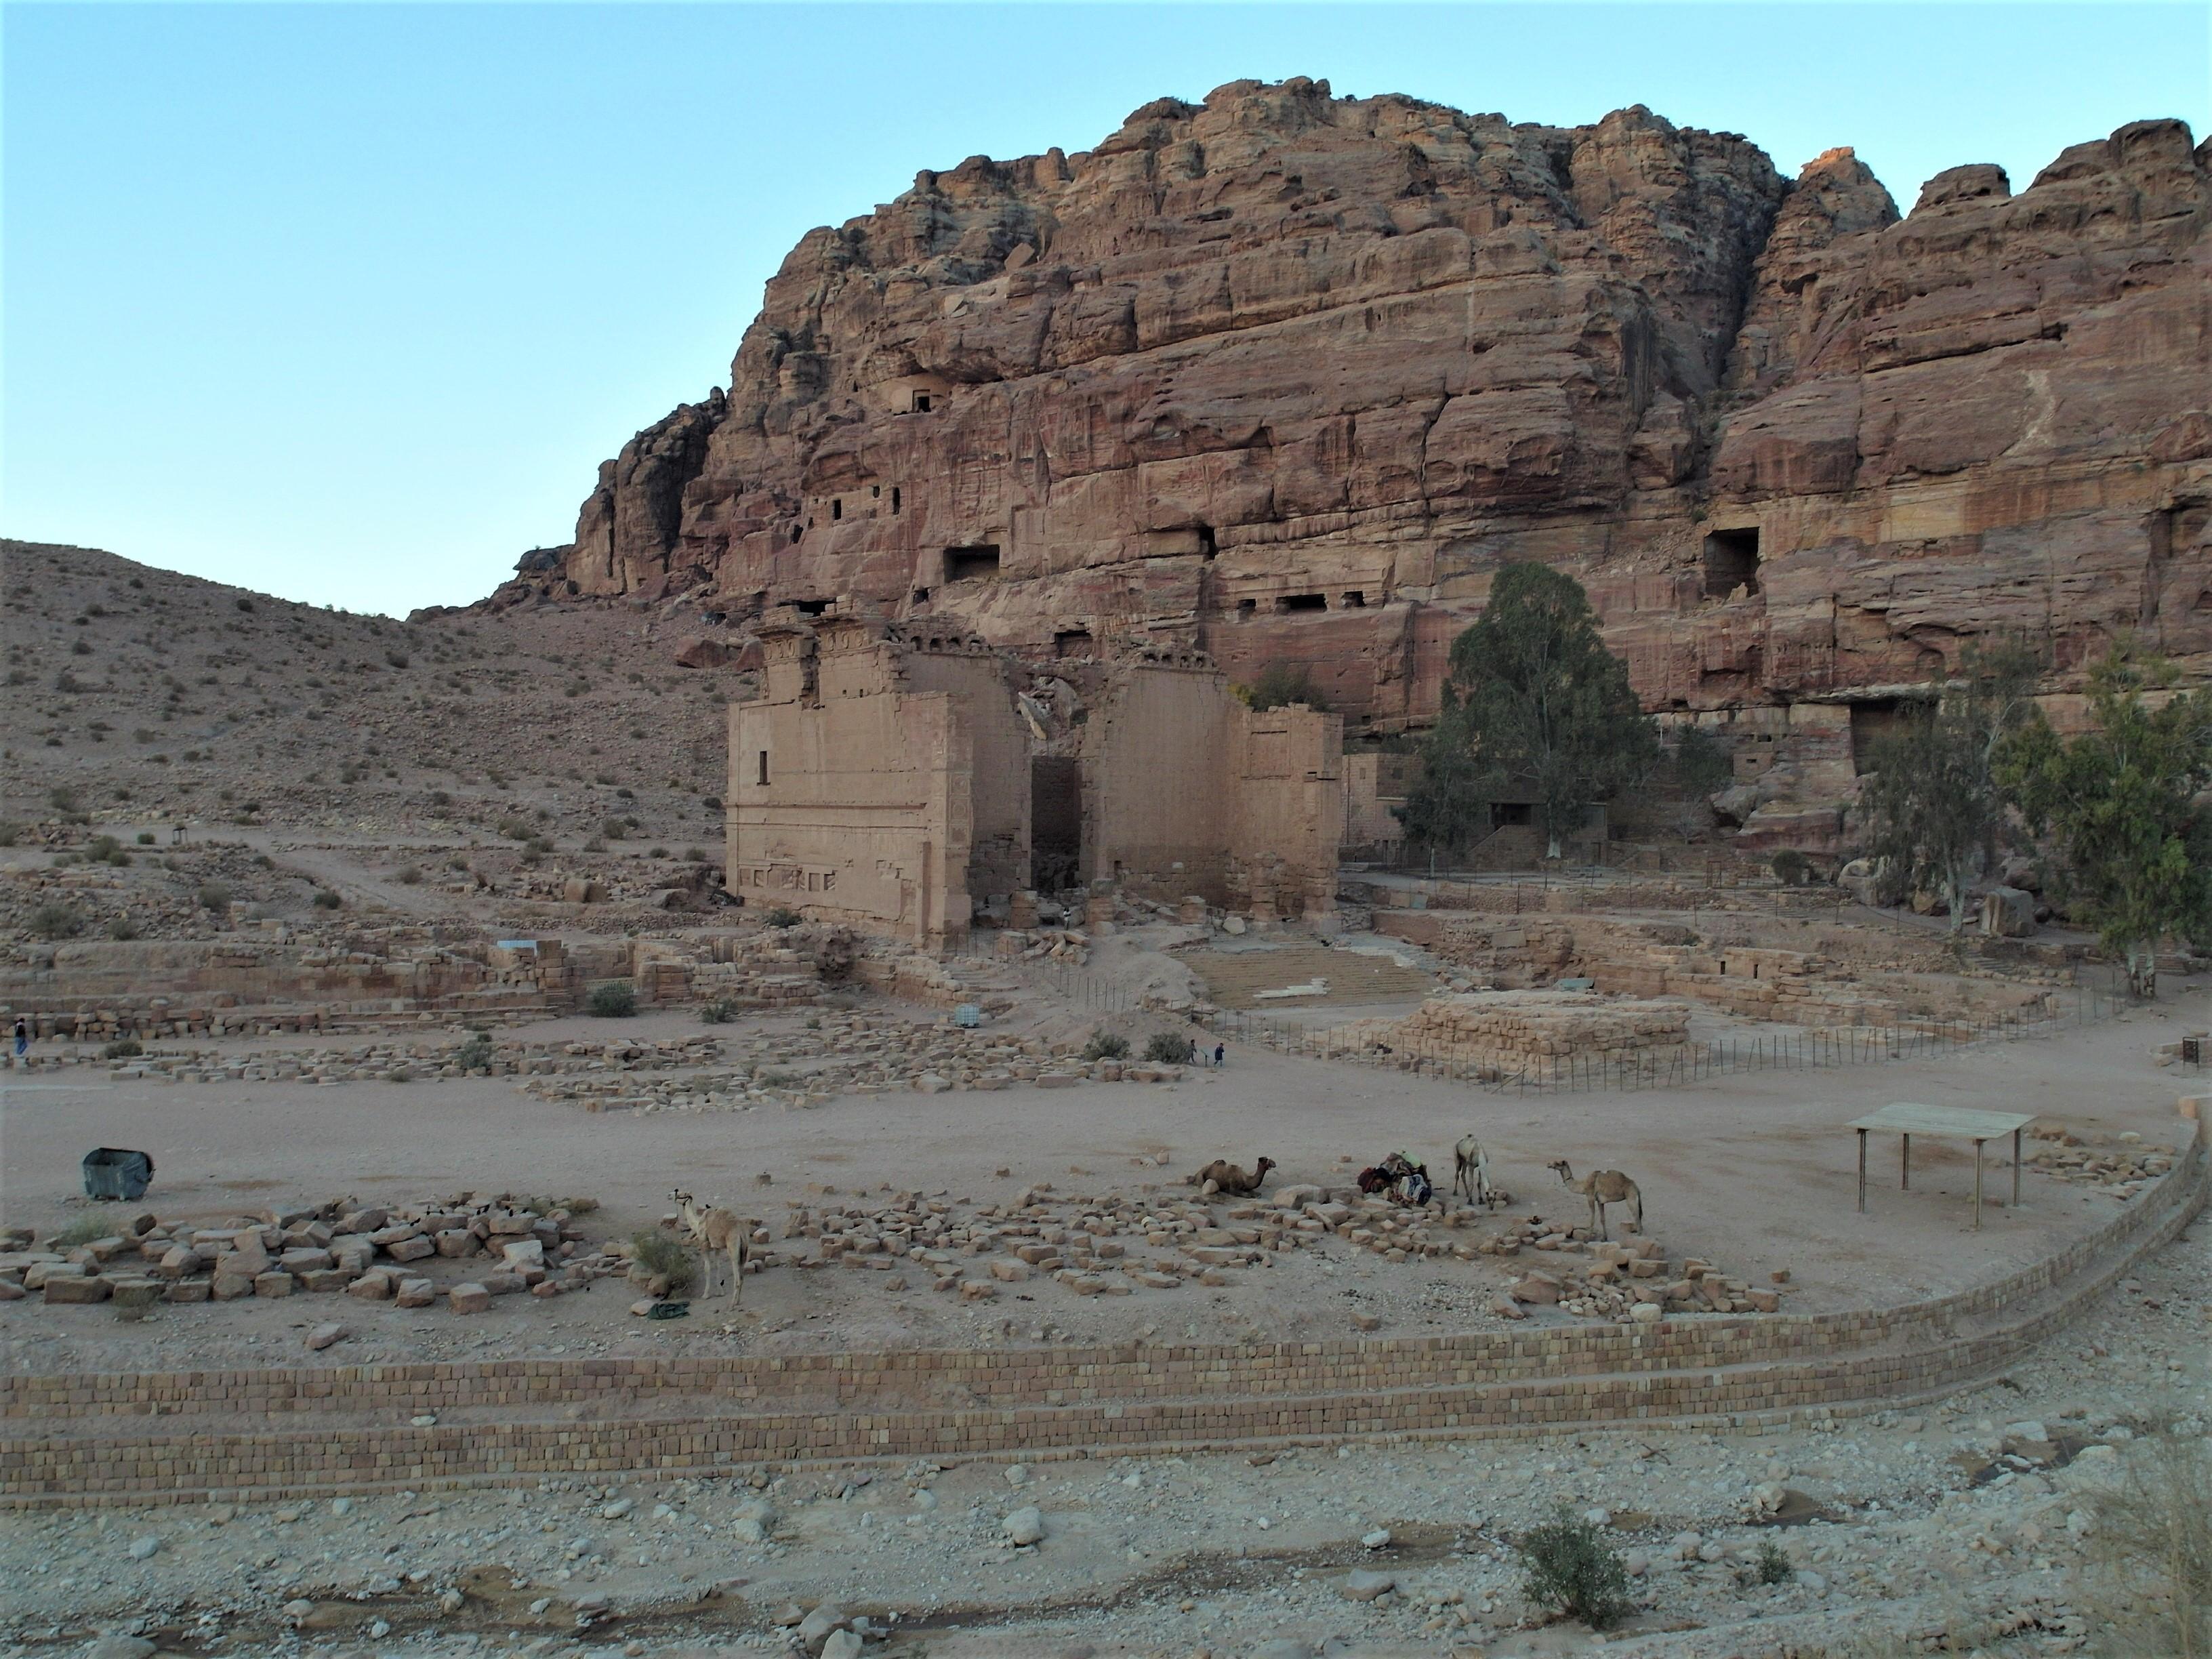 Vue générale de la cuvette de Pétra avec le temple et son téménos se développant au pied de la falaise d'el-Habis.